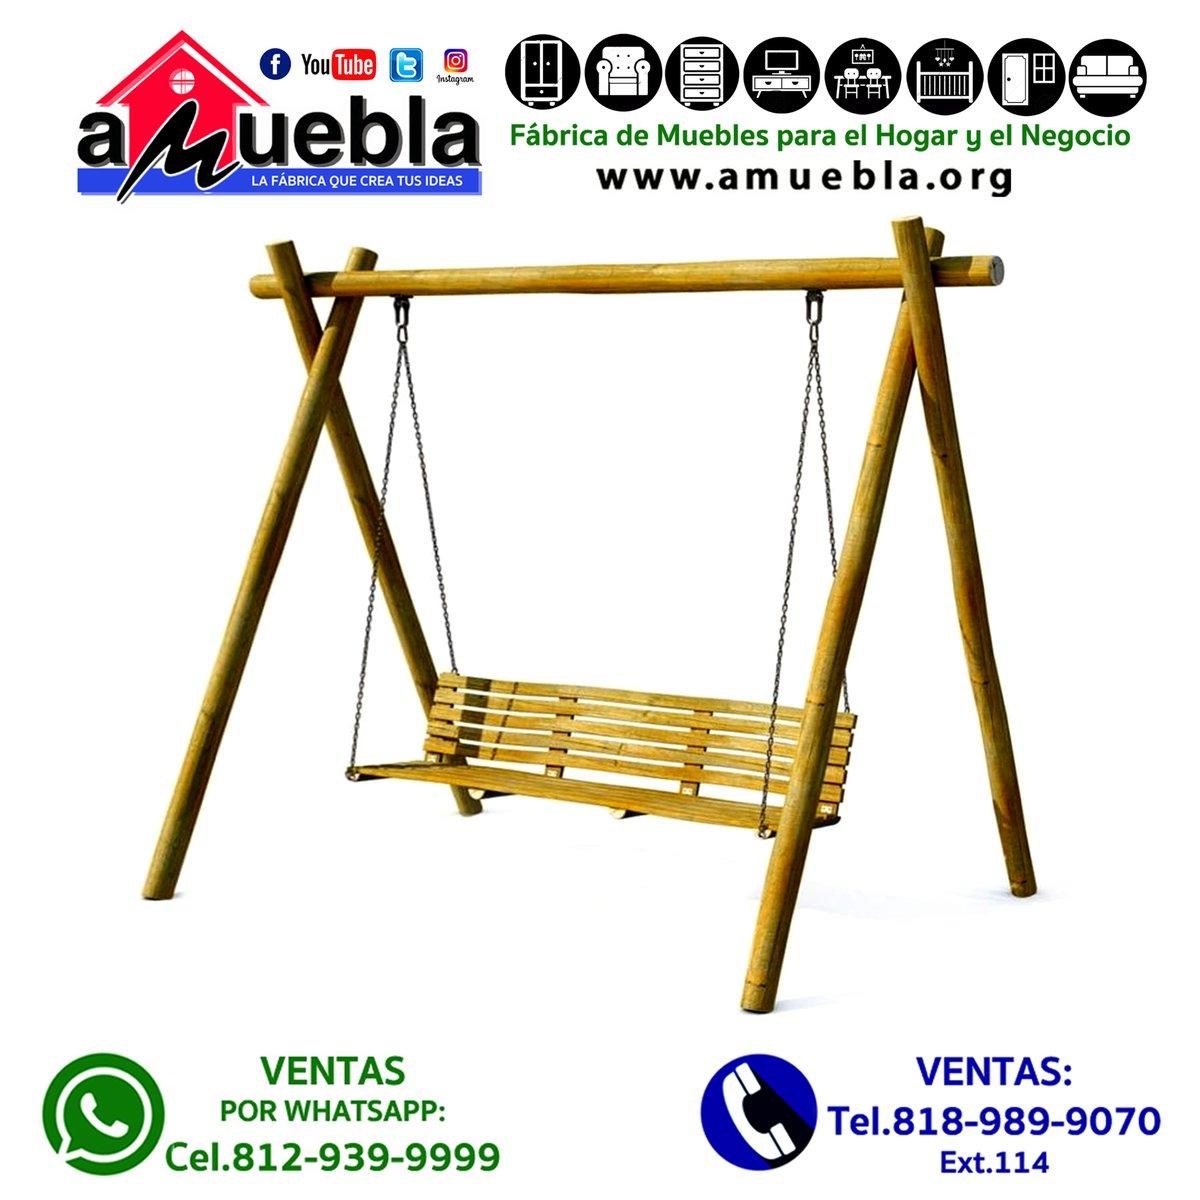 """AMUEBLA """"La Fábrica que Crea tus Ideas"""" http://amuebla.org  Haz lucir tu Negocio con Muebles personalizados.  http://wa.me/5218129399999 . #muebles #carpinteria #arquitectura #cocinasintegrales #closets #negocios #nuevoleon #desarrolloinmobiliario #monterrey #bienesraices *pic.twitter.com/DM0YDLz28f"""